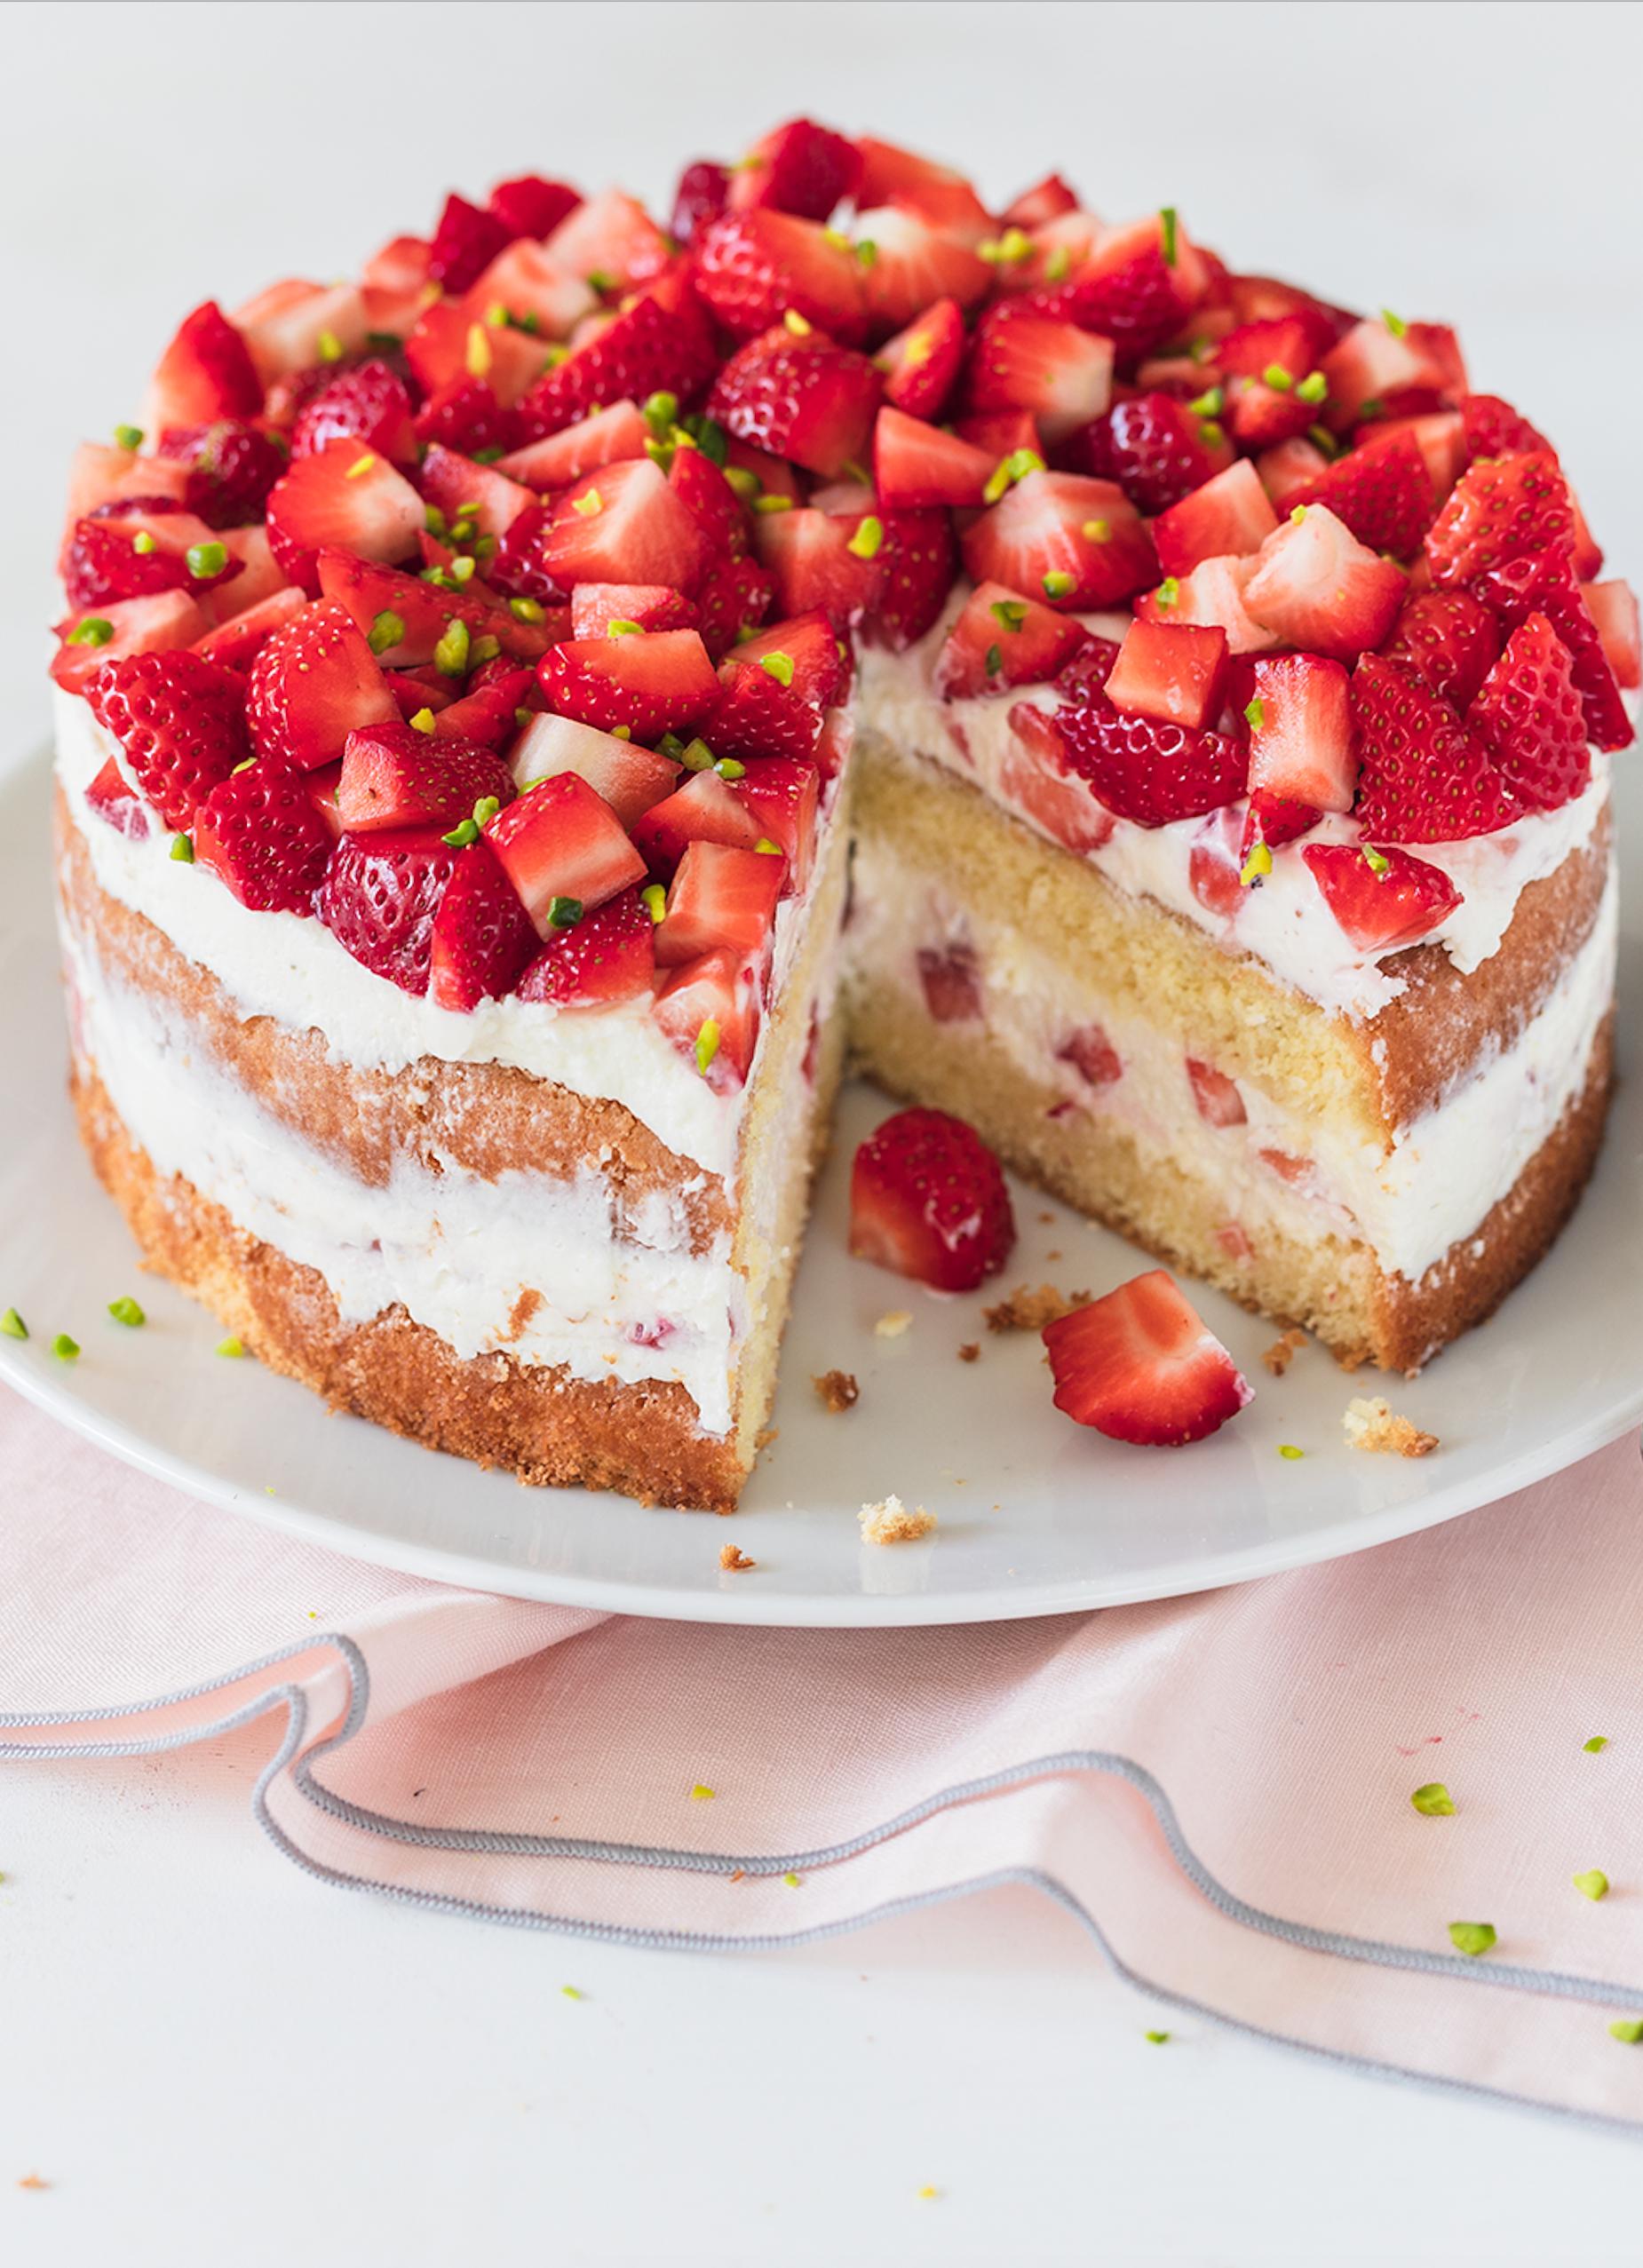 Erdbeer Sahne Torte Leicht Und Ohne Gelatine Die Besten Backrezepte Mit Gelinggarantie Rezept Leckere Torten Kuchen Und Torten Rezepte Erdbeertorte Rezept